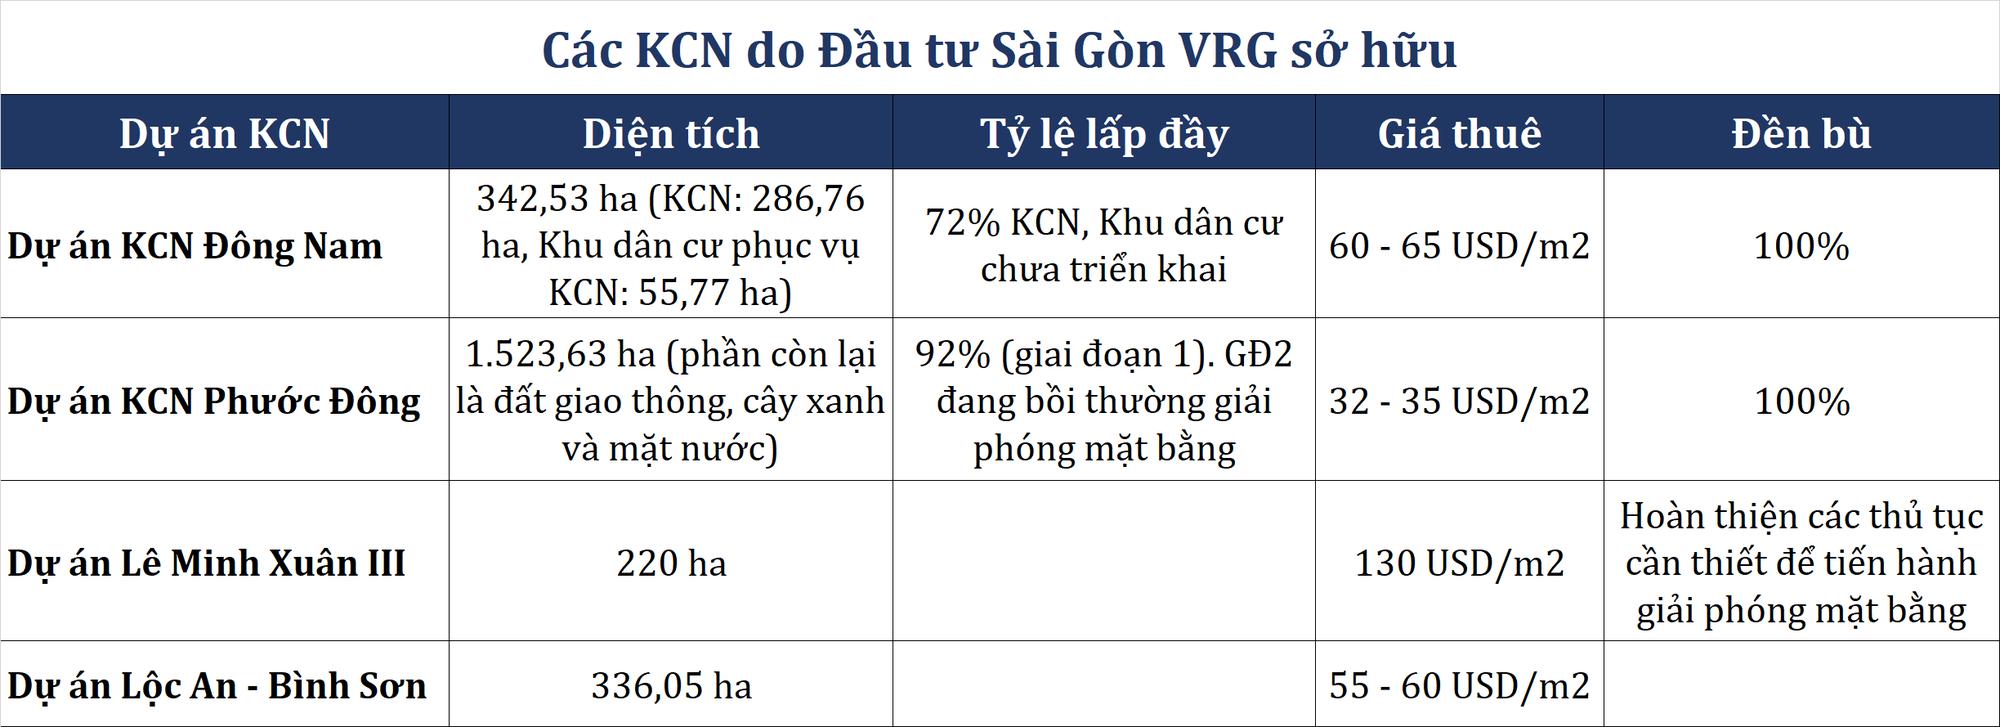 Ôm nghìn ha KCN, công ty do Nam Tân Uyên sở hữu và Cao su Phước Hòa sáng lập sắp lên UPCoM còn có gì đặc biệt? - Ảnh 6.